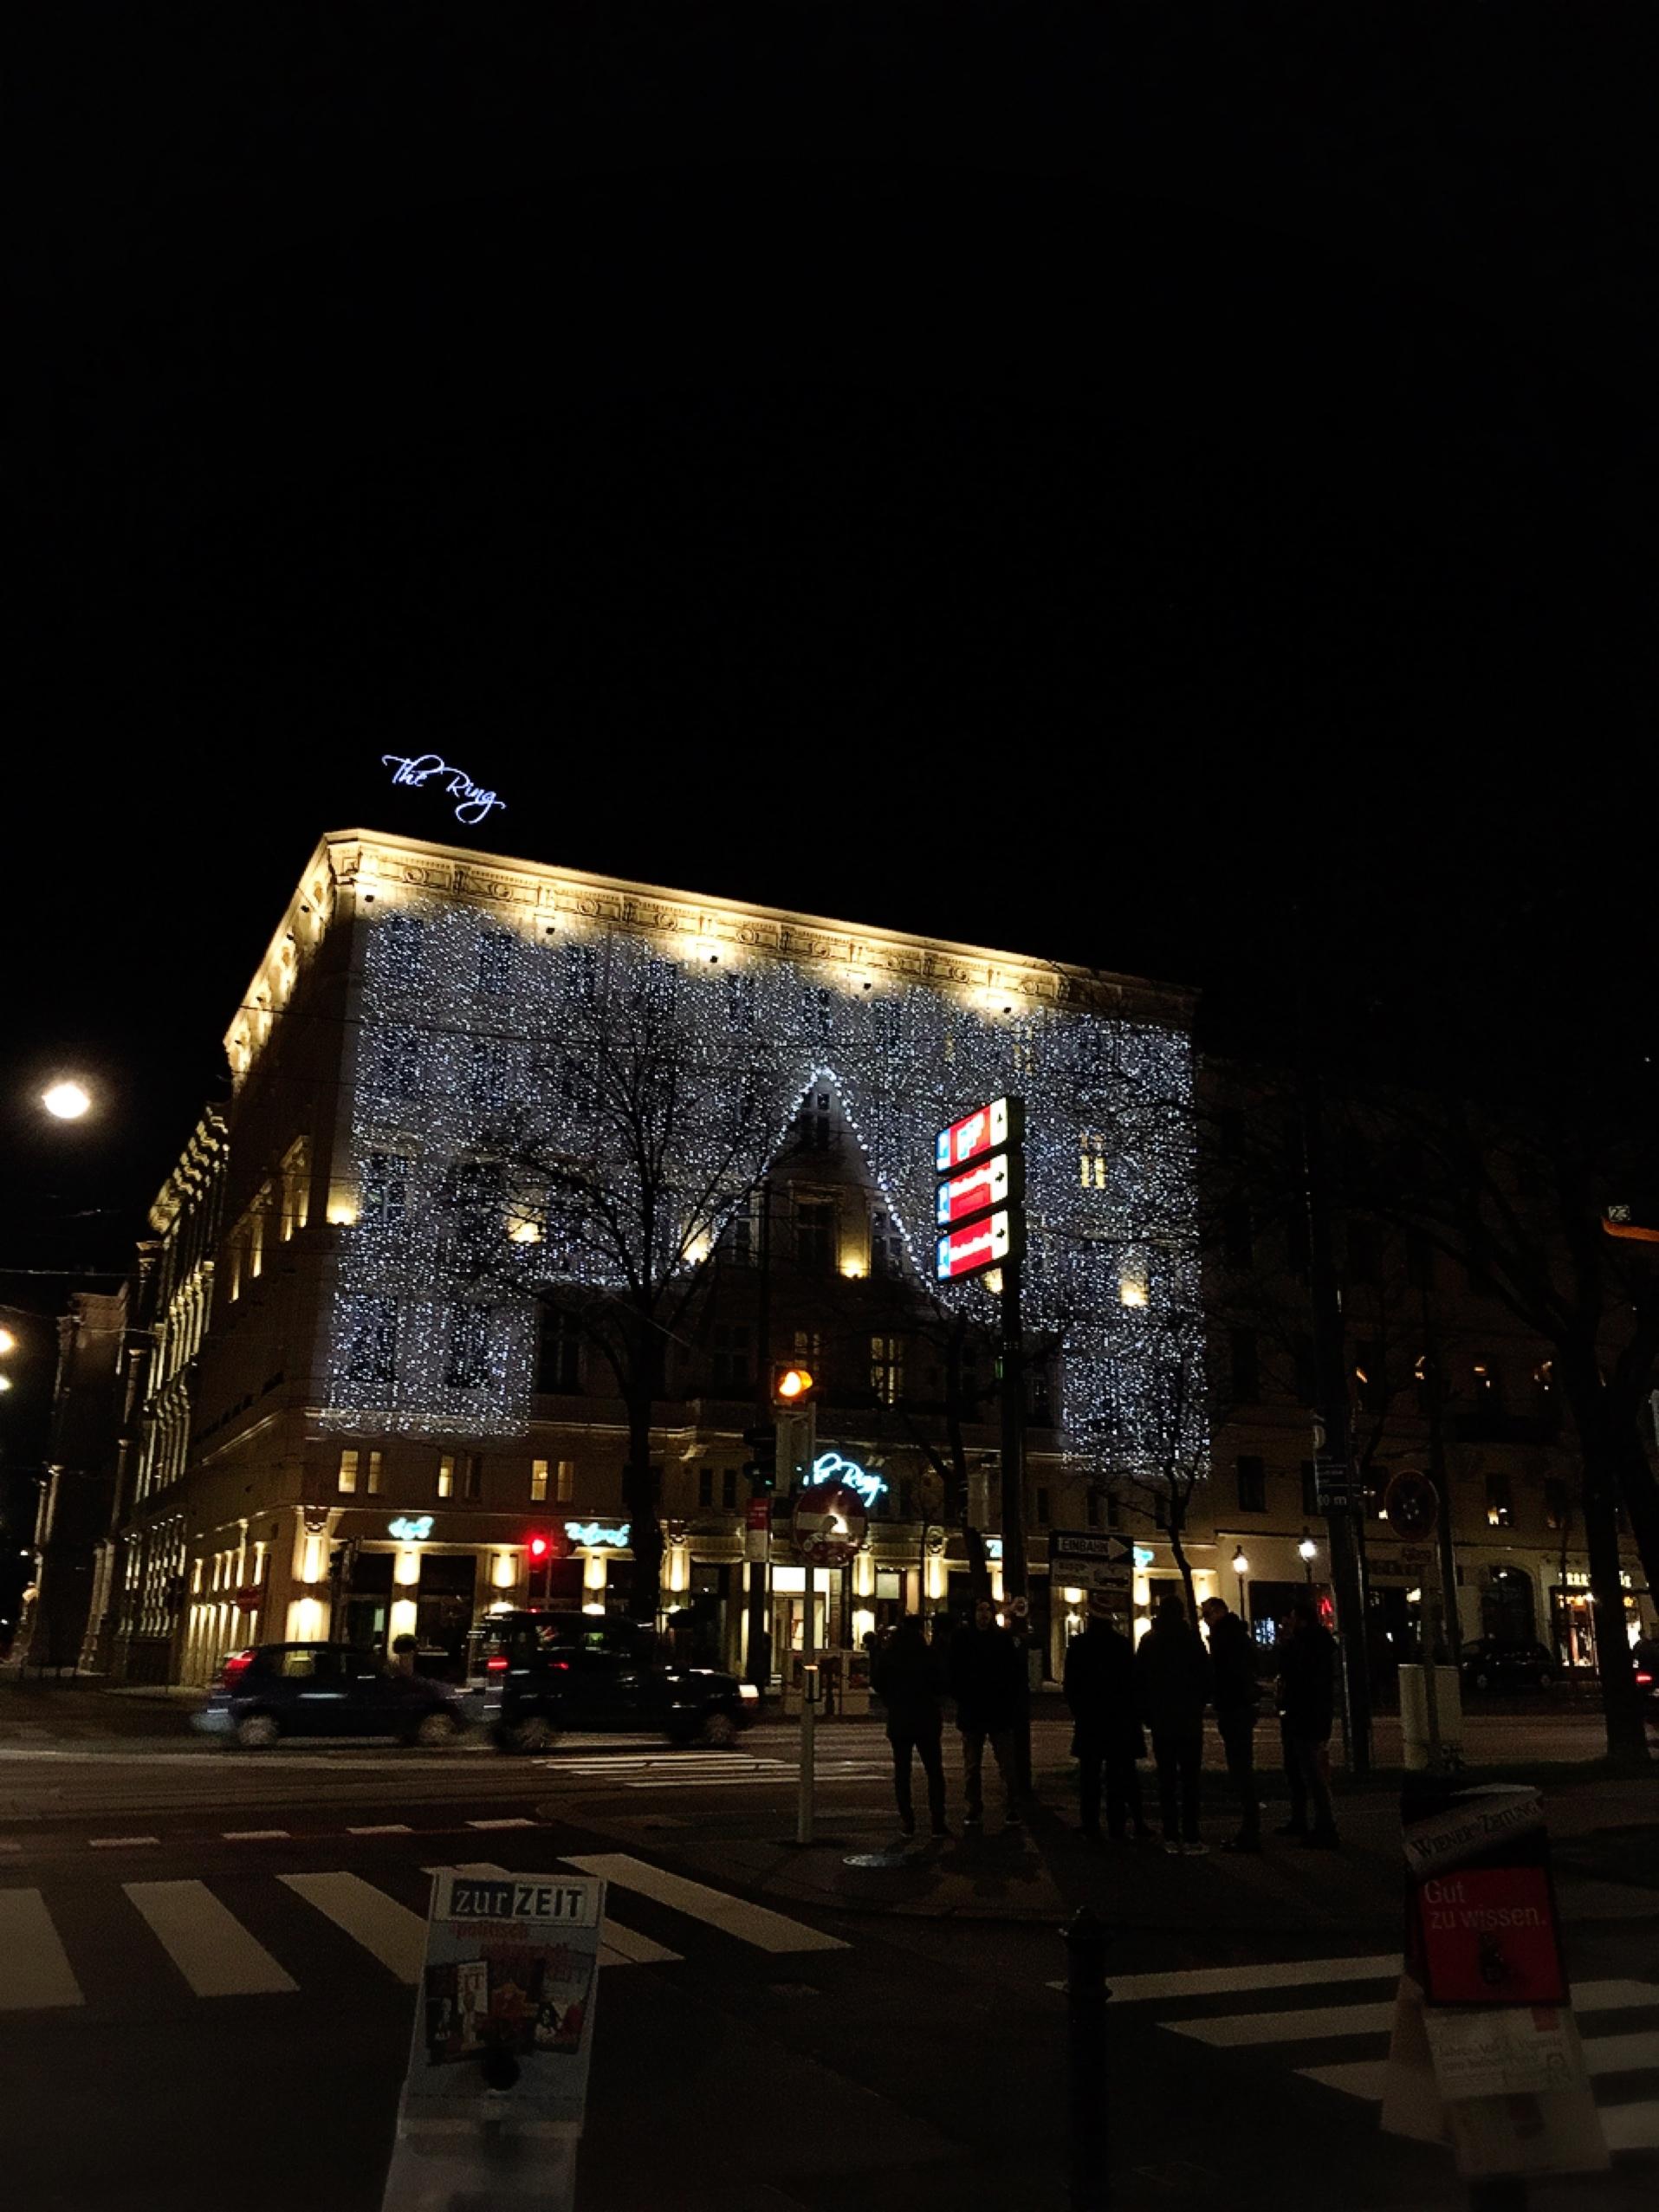 ウィーン市庁舎のマーケット_1_7